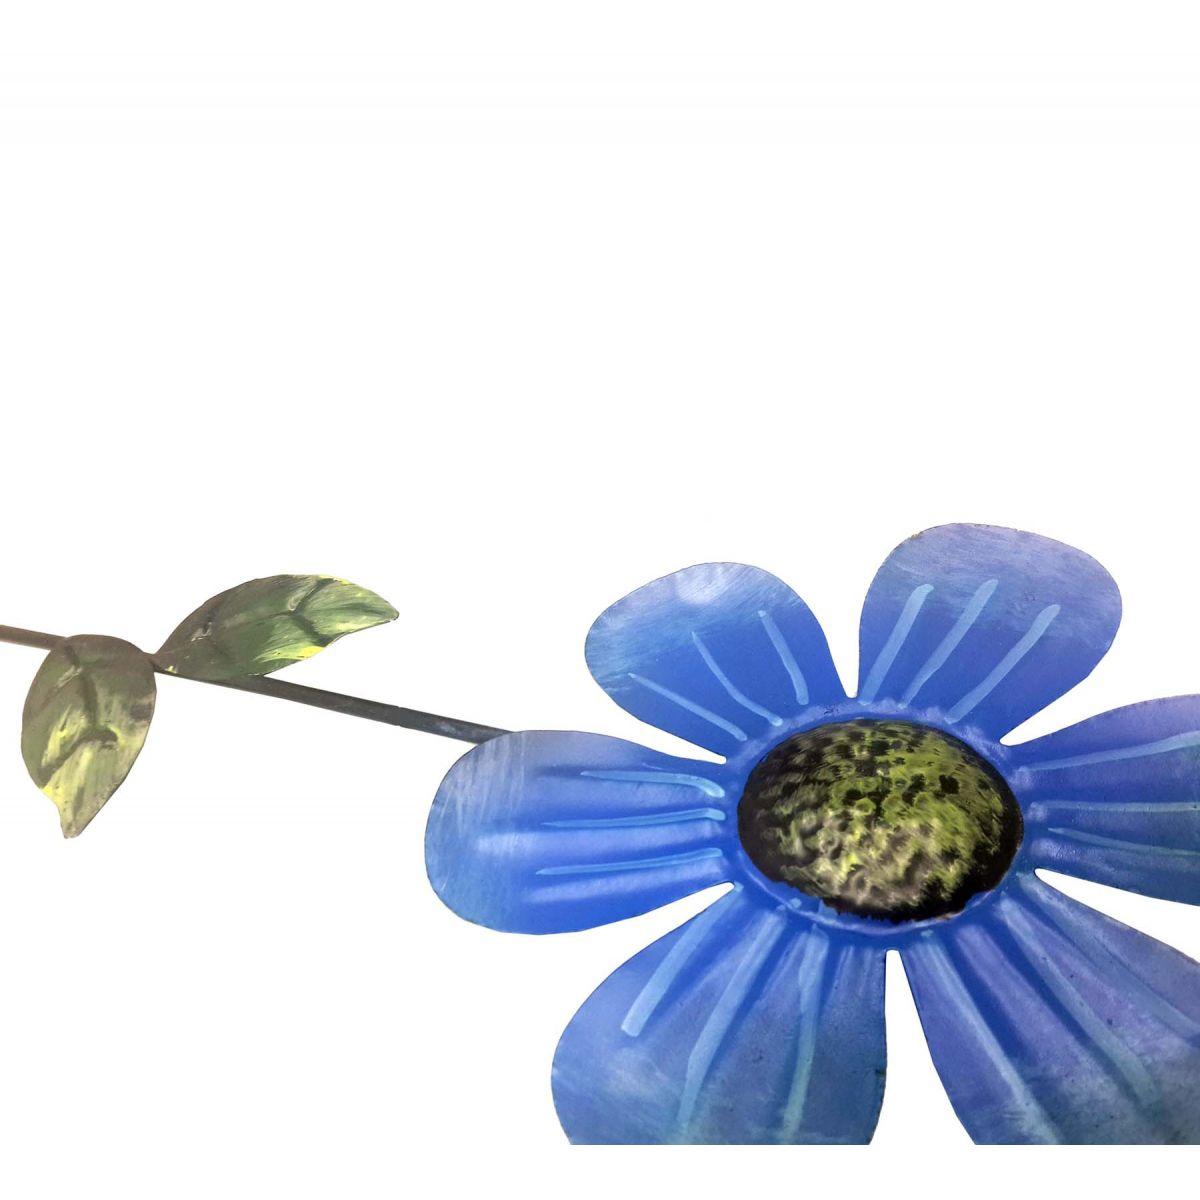 Enfeite de Ferro Para Jardim Casa Quintal Flor Para Pendurar Sortido Kit Com 4 (JARD-41)